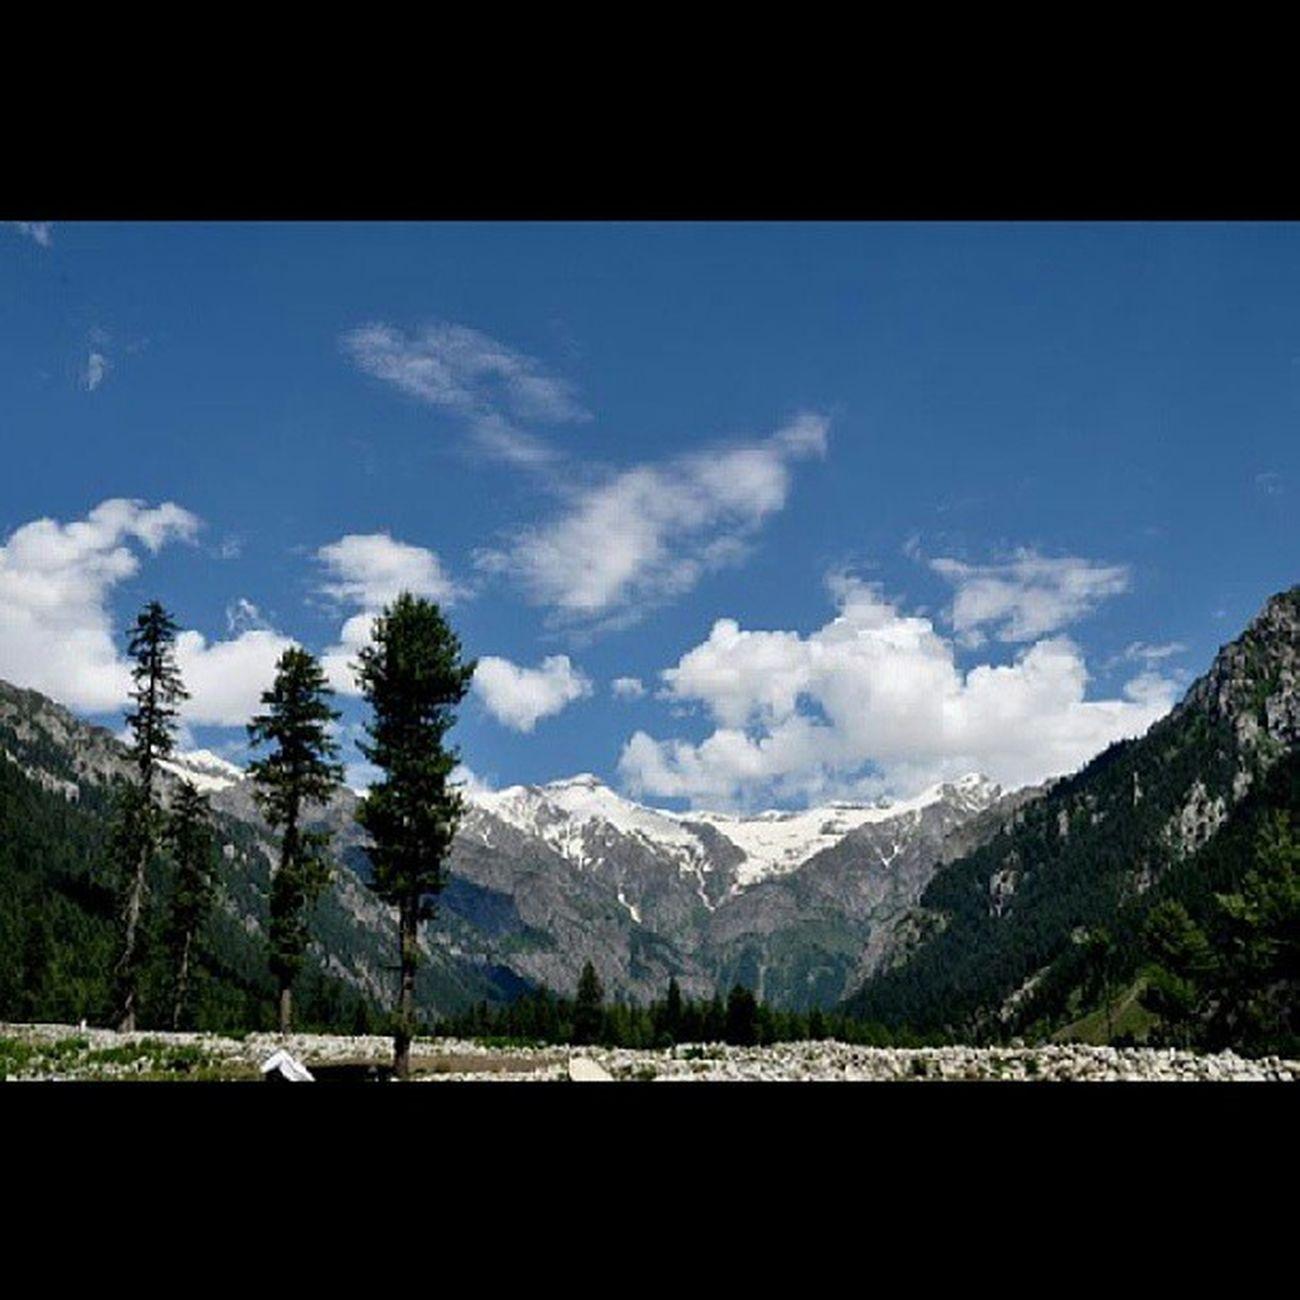 Breath taking KumratValley Dir Kp Pakistan Adventure Amazing Trees SummerChill Walk